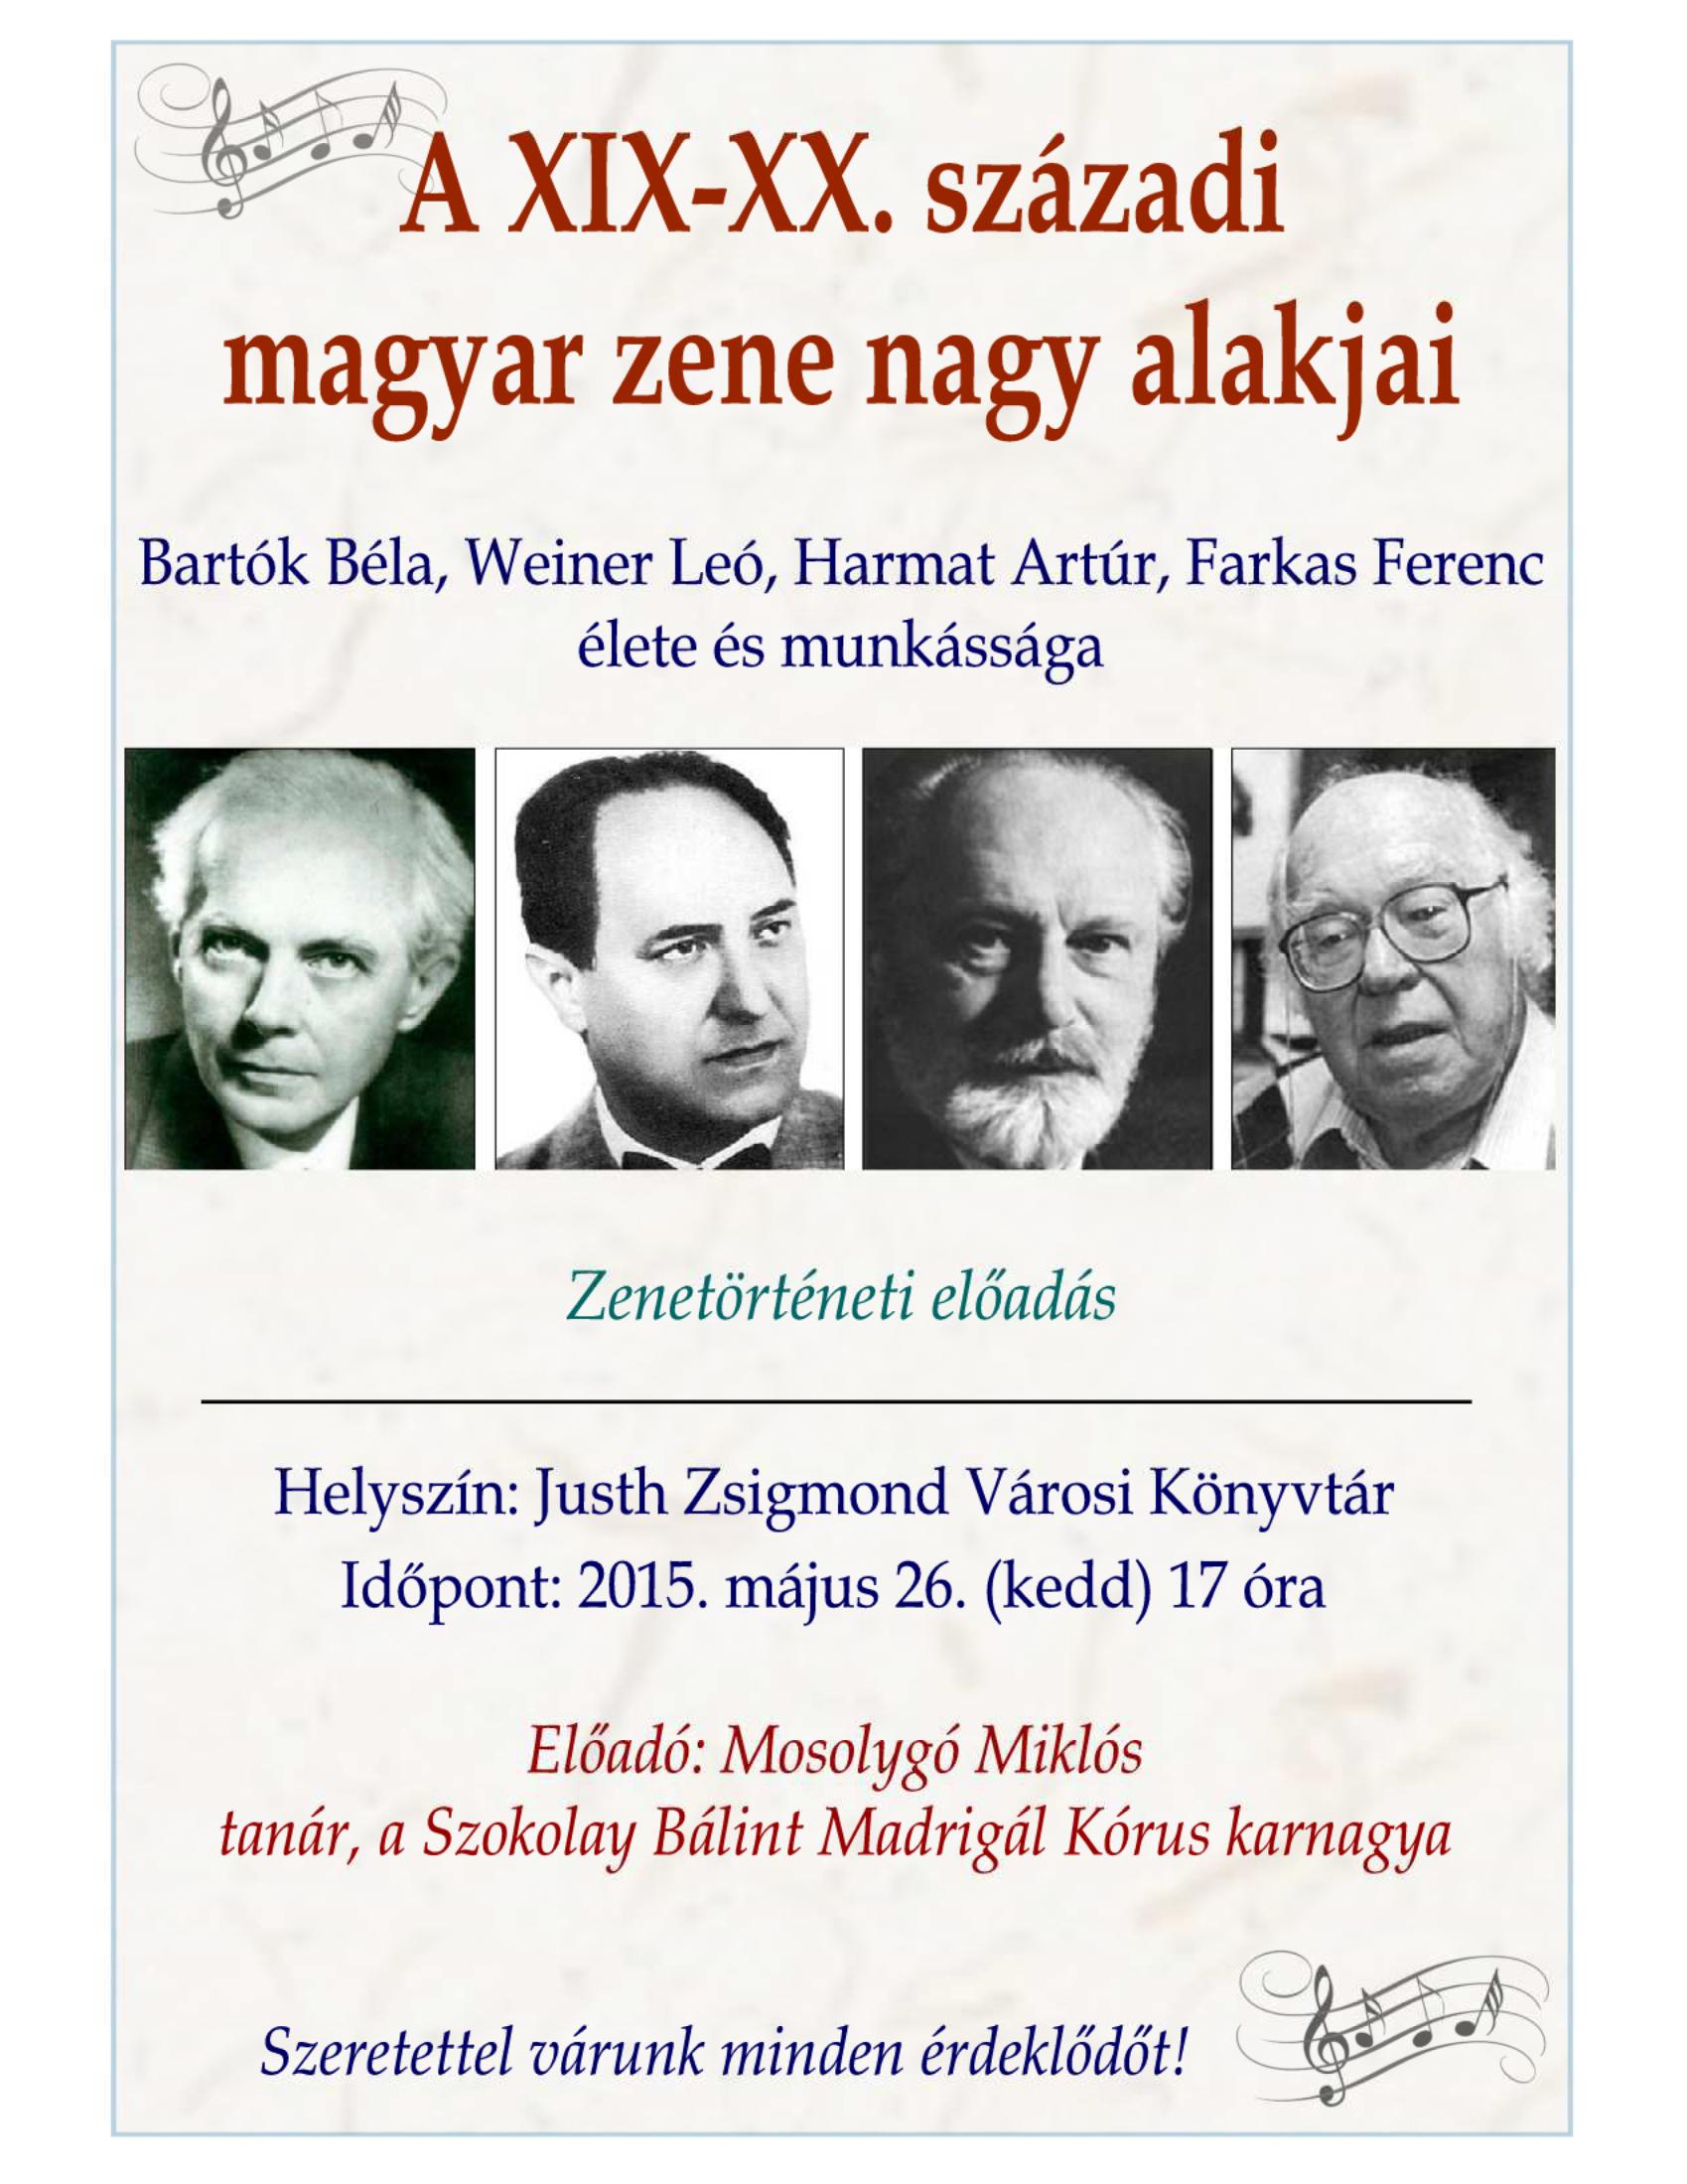 A XIX-XX. századi magyar zene nagy alakjai